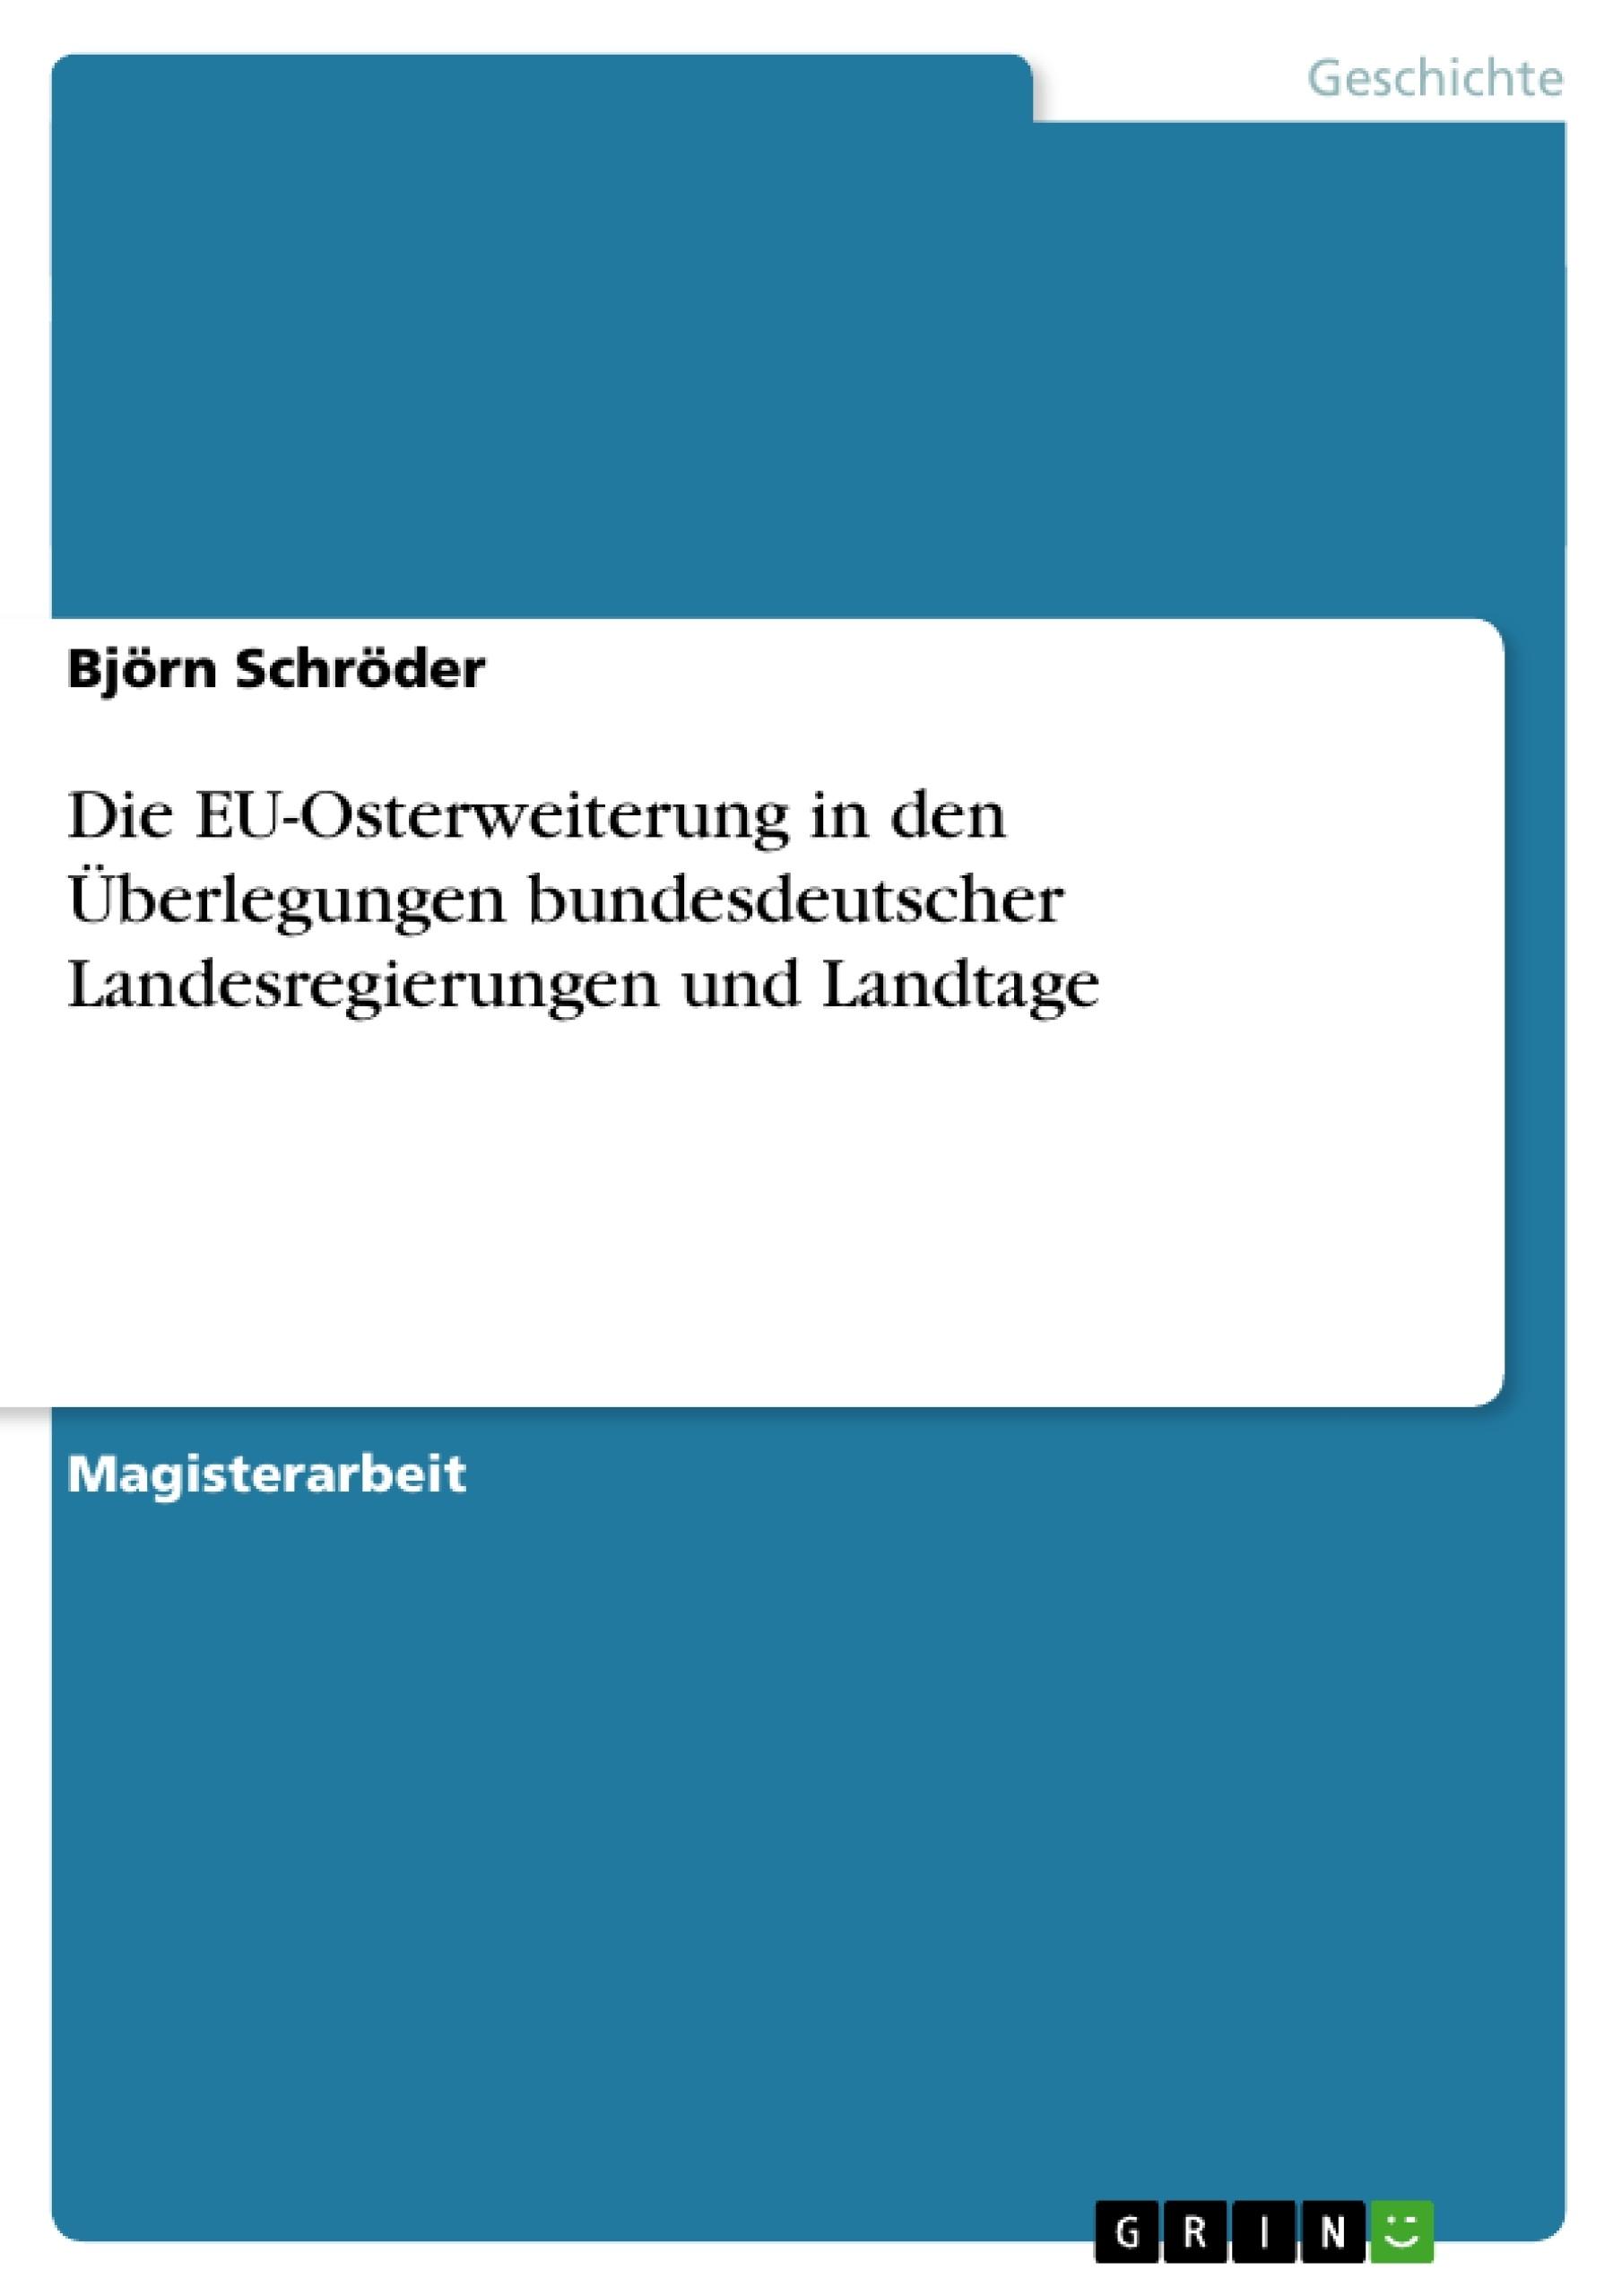 Titel: Die EU-Osterweiterung in den Überlegungen bundesdeutscher Landesregierungen und Landtage